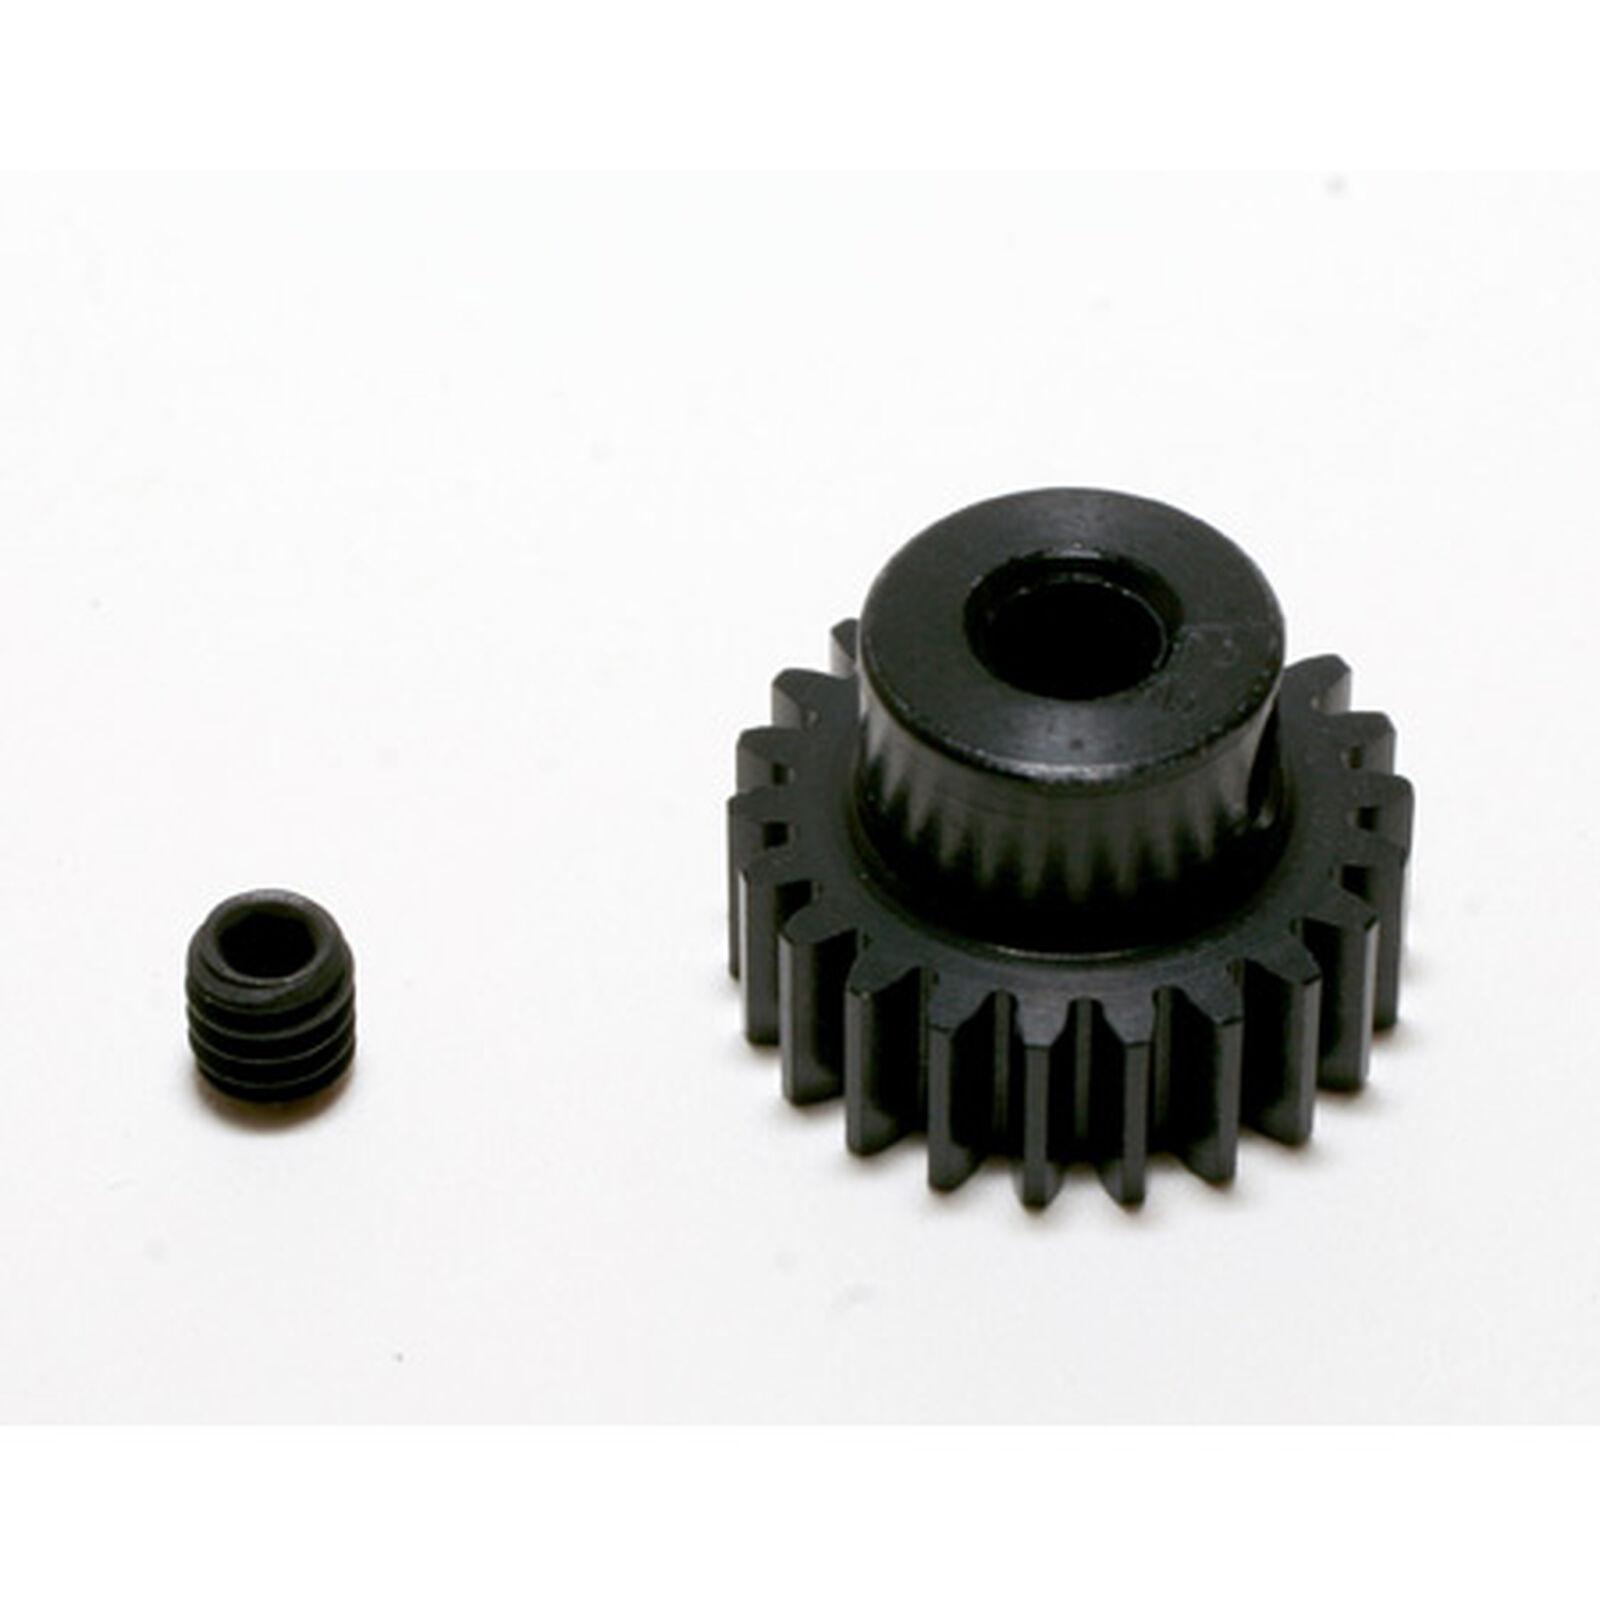 48P Hard Coated Aluminum Pinion Gear, 22T